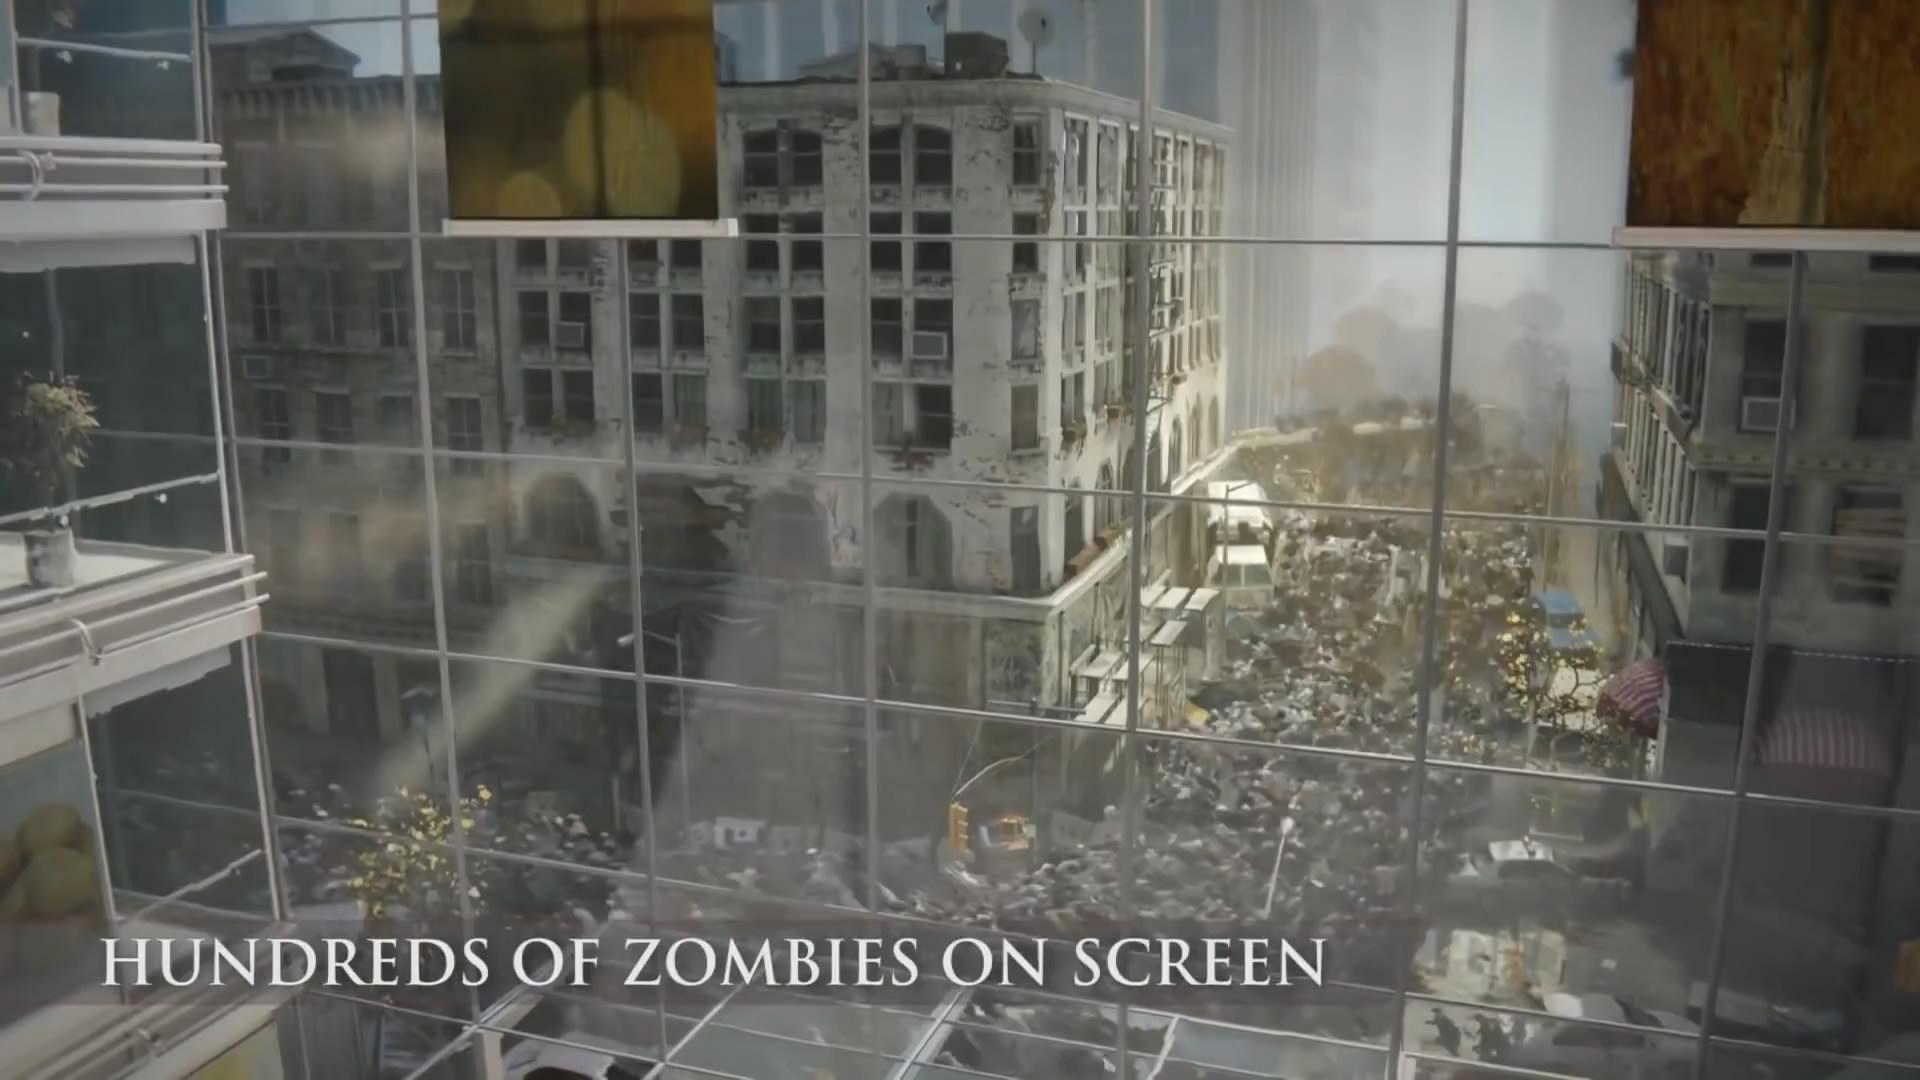 《僵尸世界大战》18分钟演示视频 尸潮涌来玩家心好慌